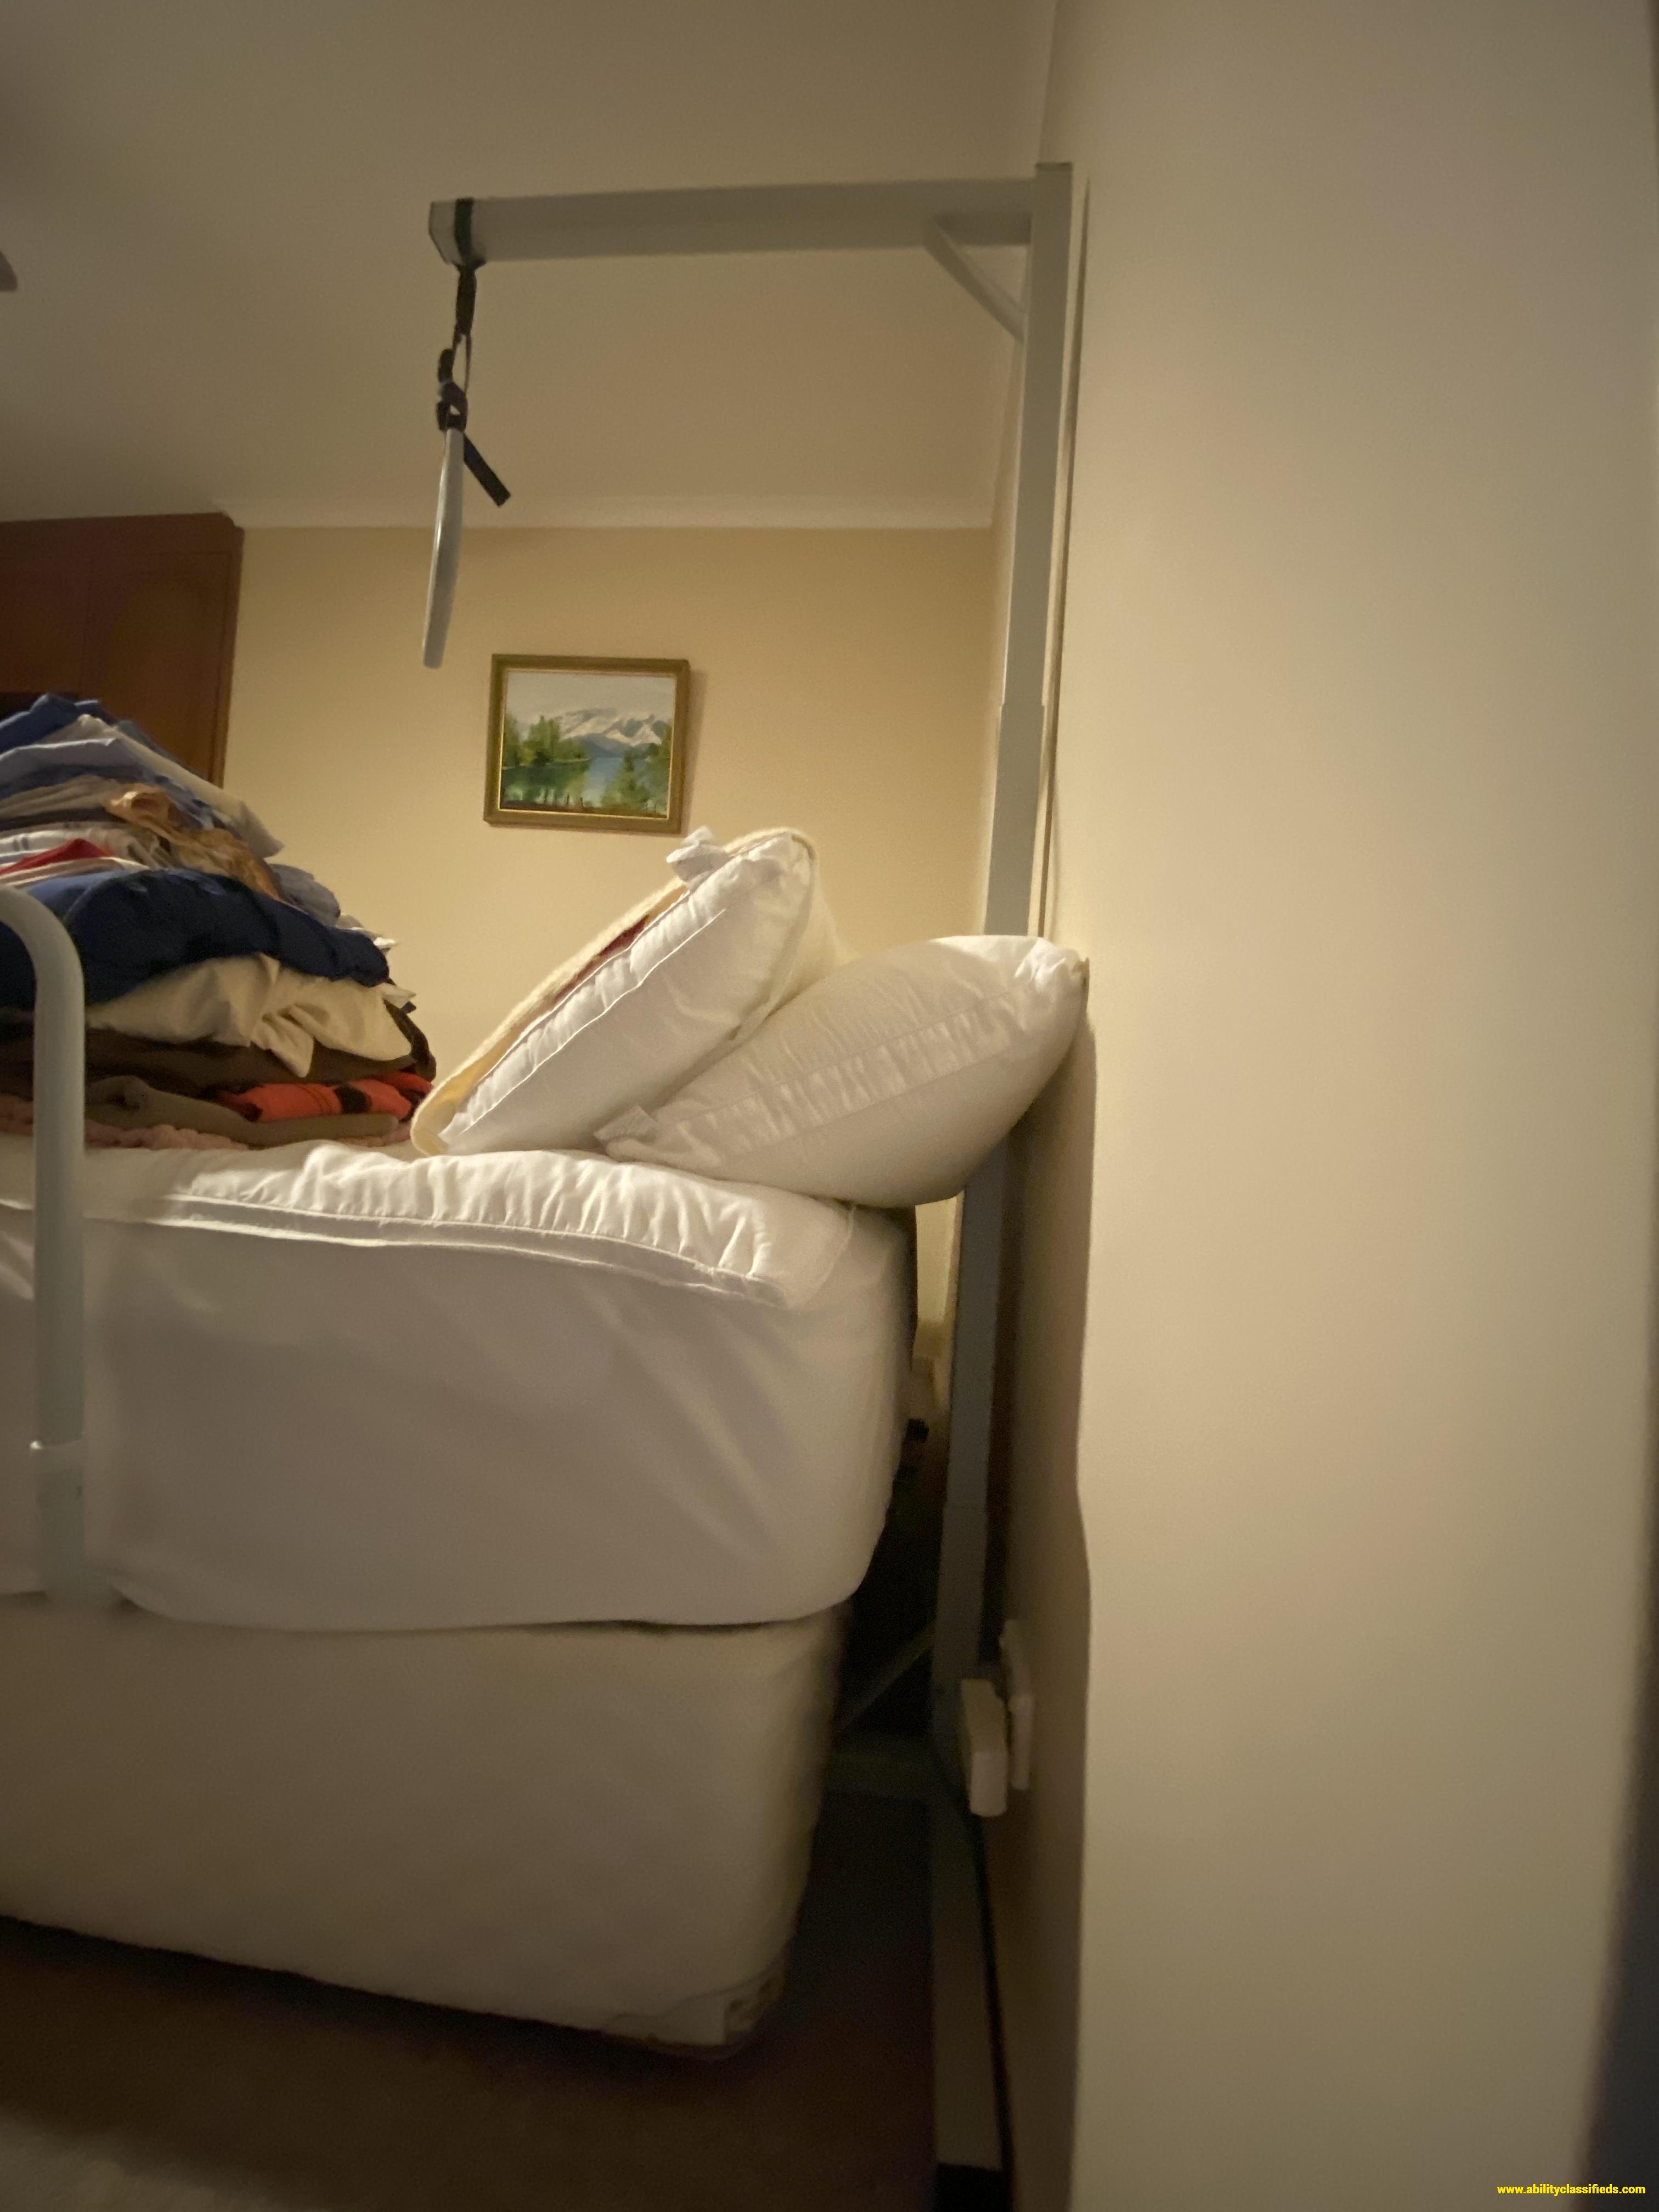 Bed assistance hoop & handle